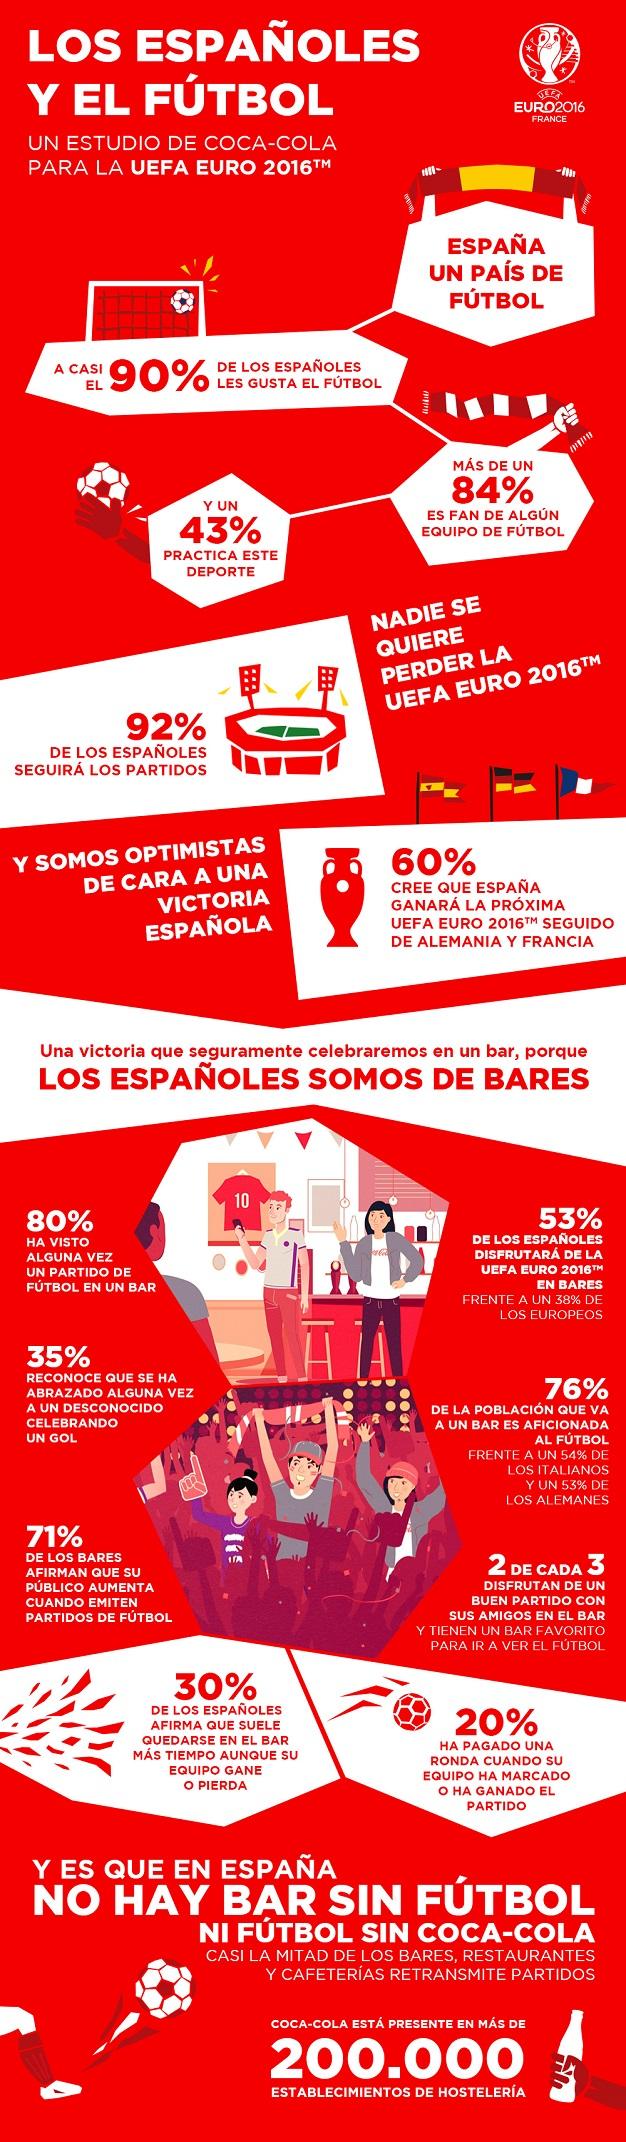 InfografiaEstudioCocaColaEURO pq